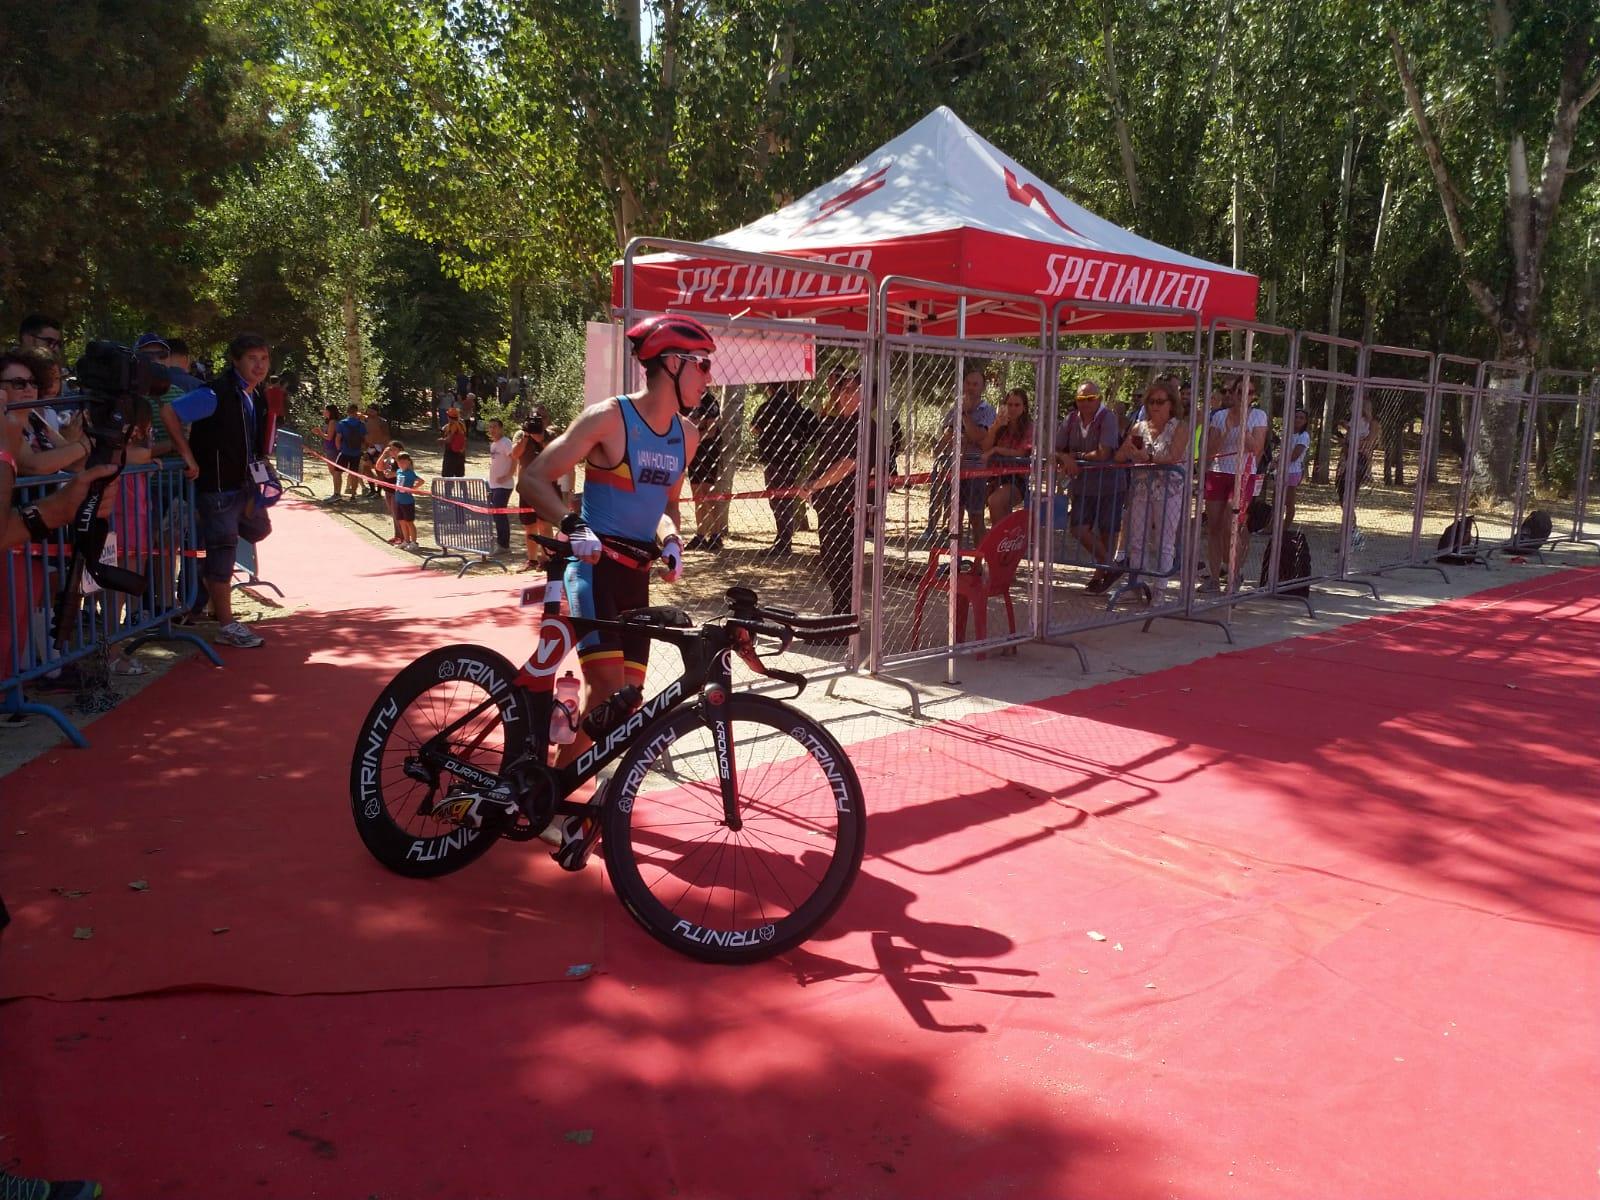 Timo als eerste van de fiets in Madrid (foto: 3athlon.nl)